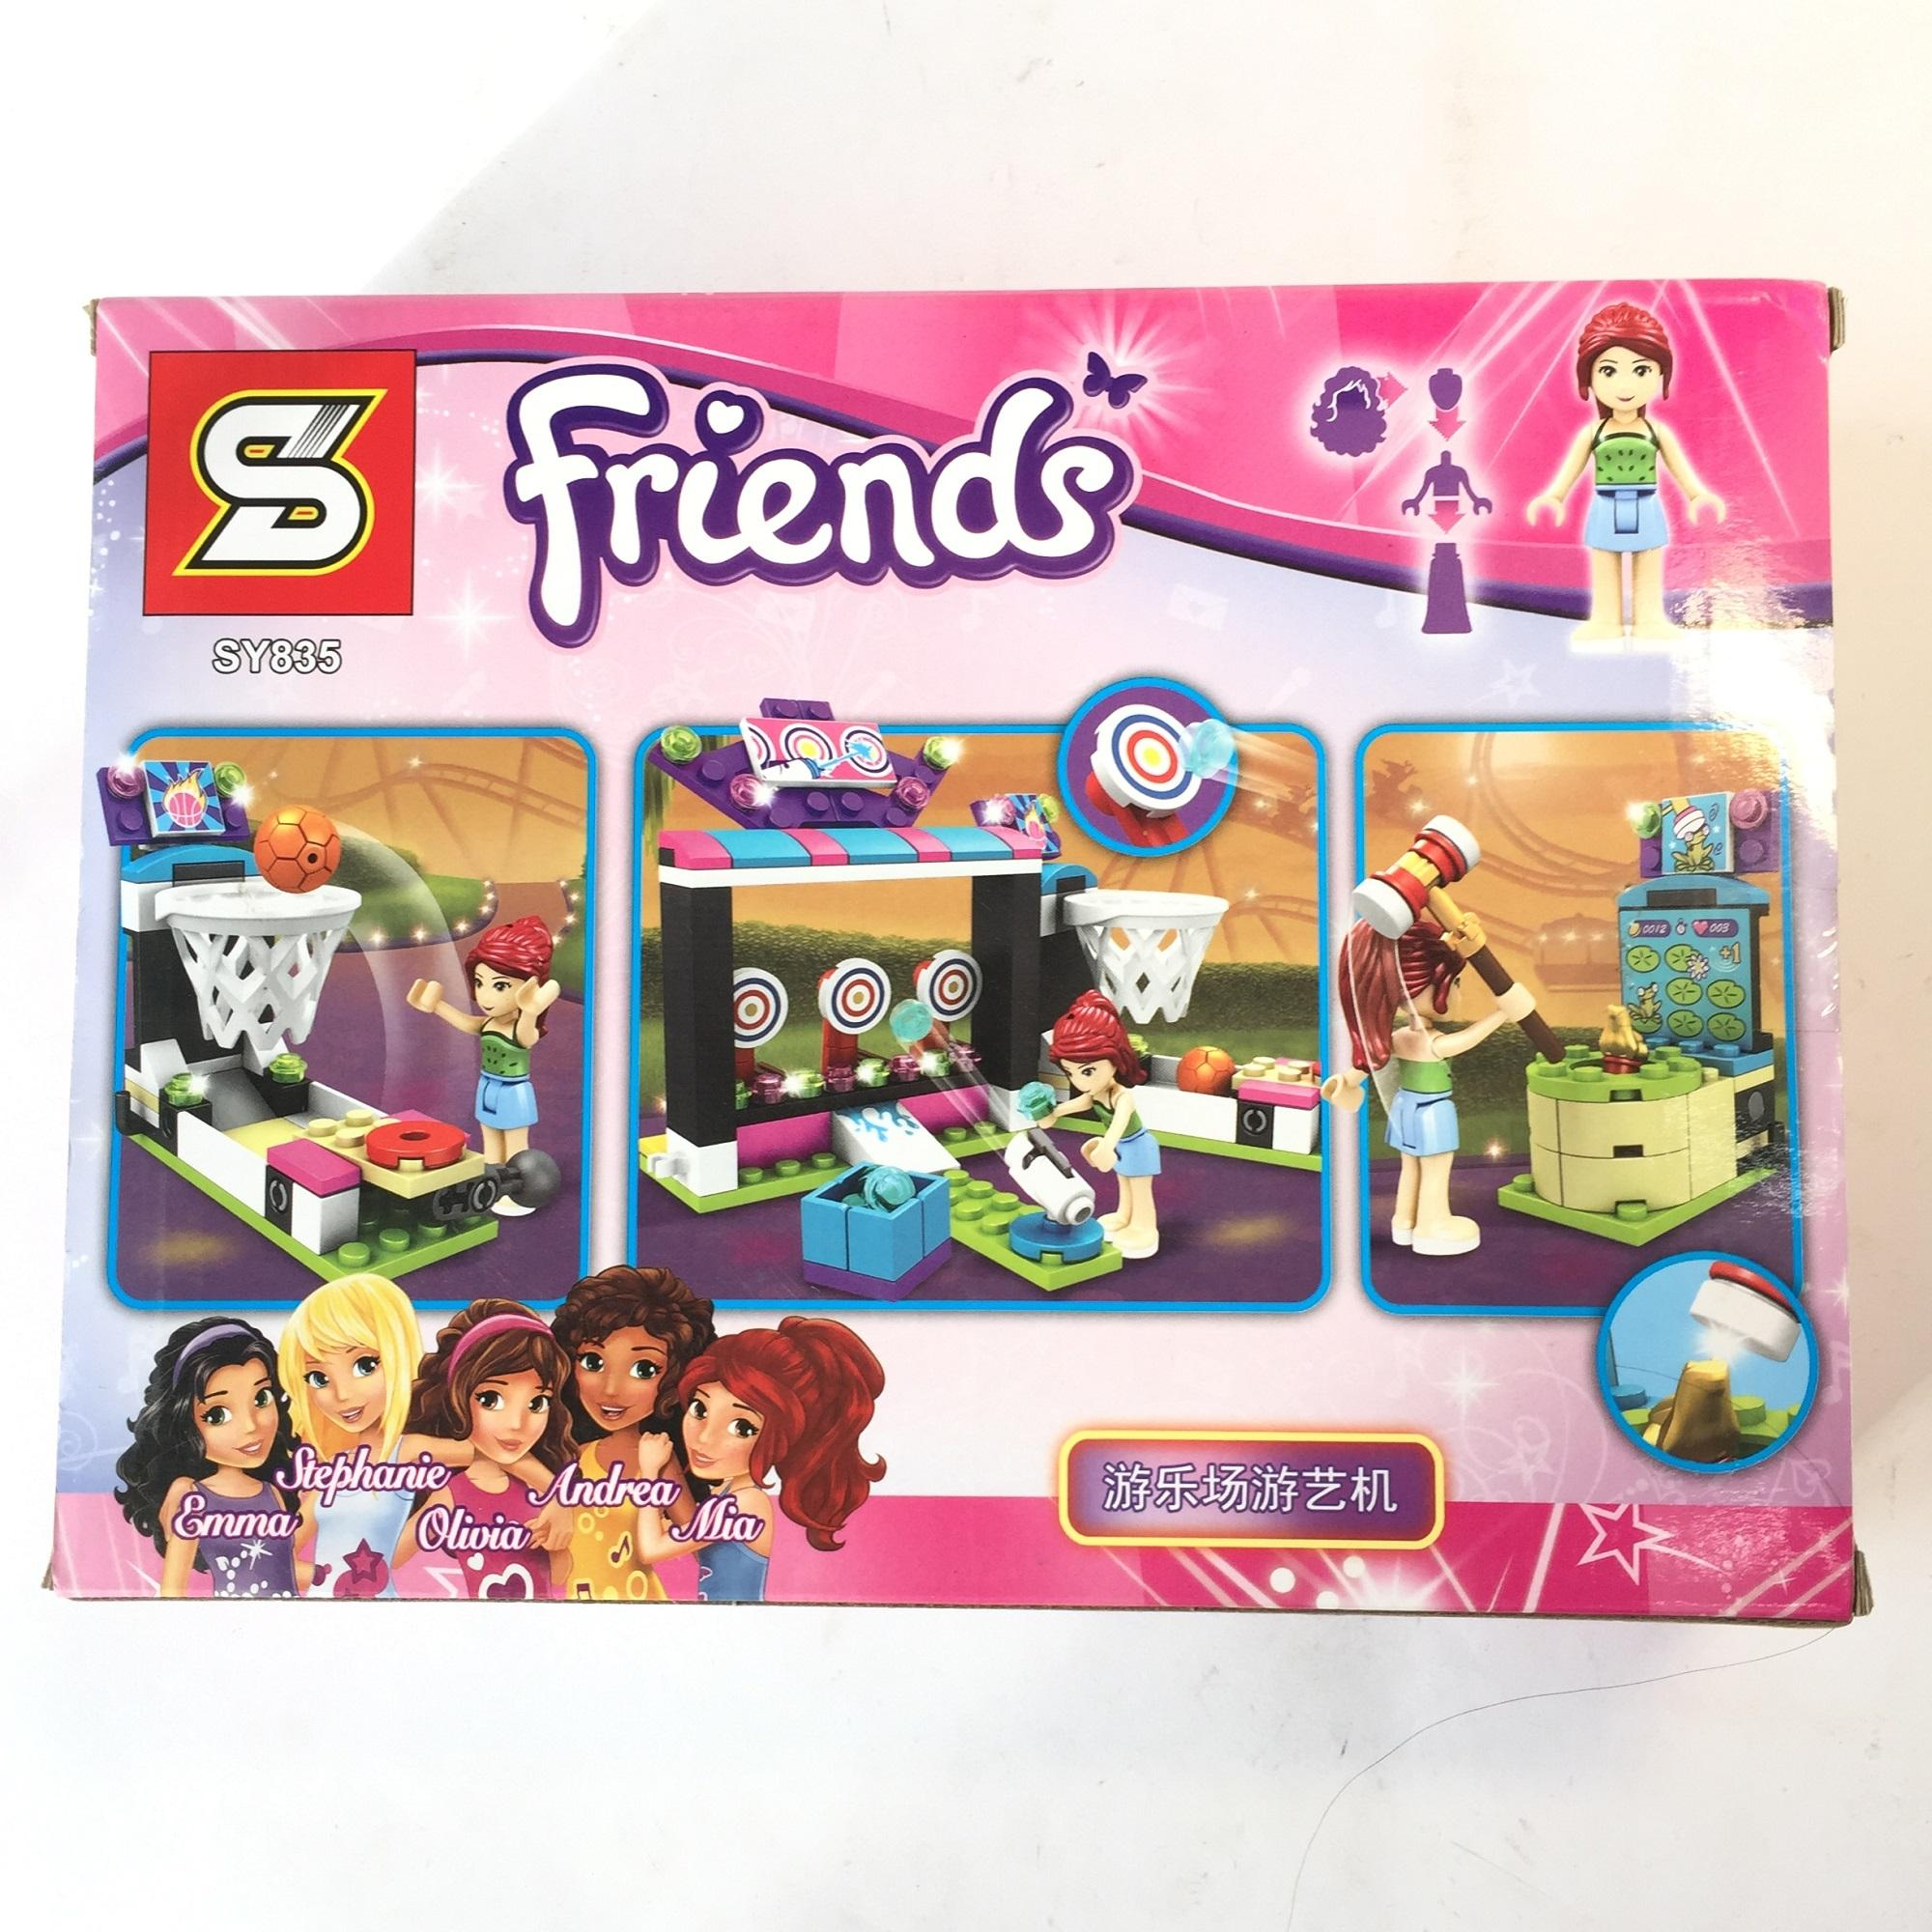 Bộ lego xếp hình ngôi nhà Friends No.SY835 187+ miếng